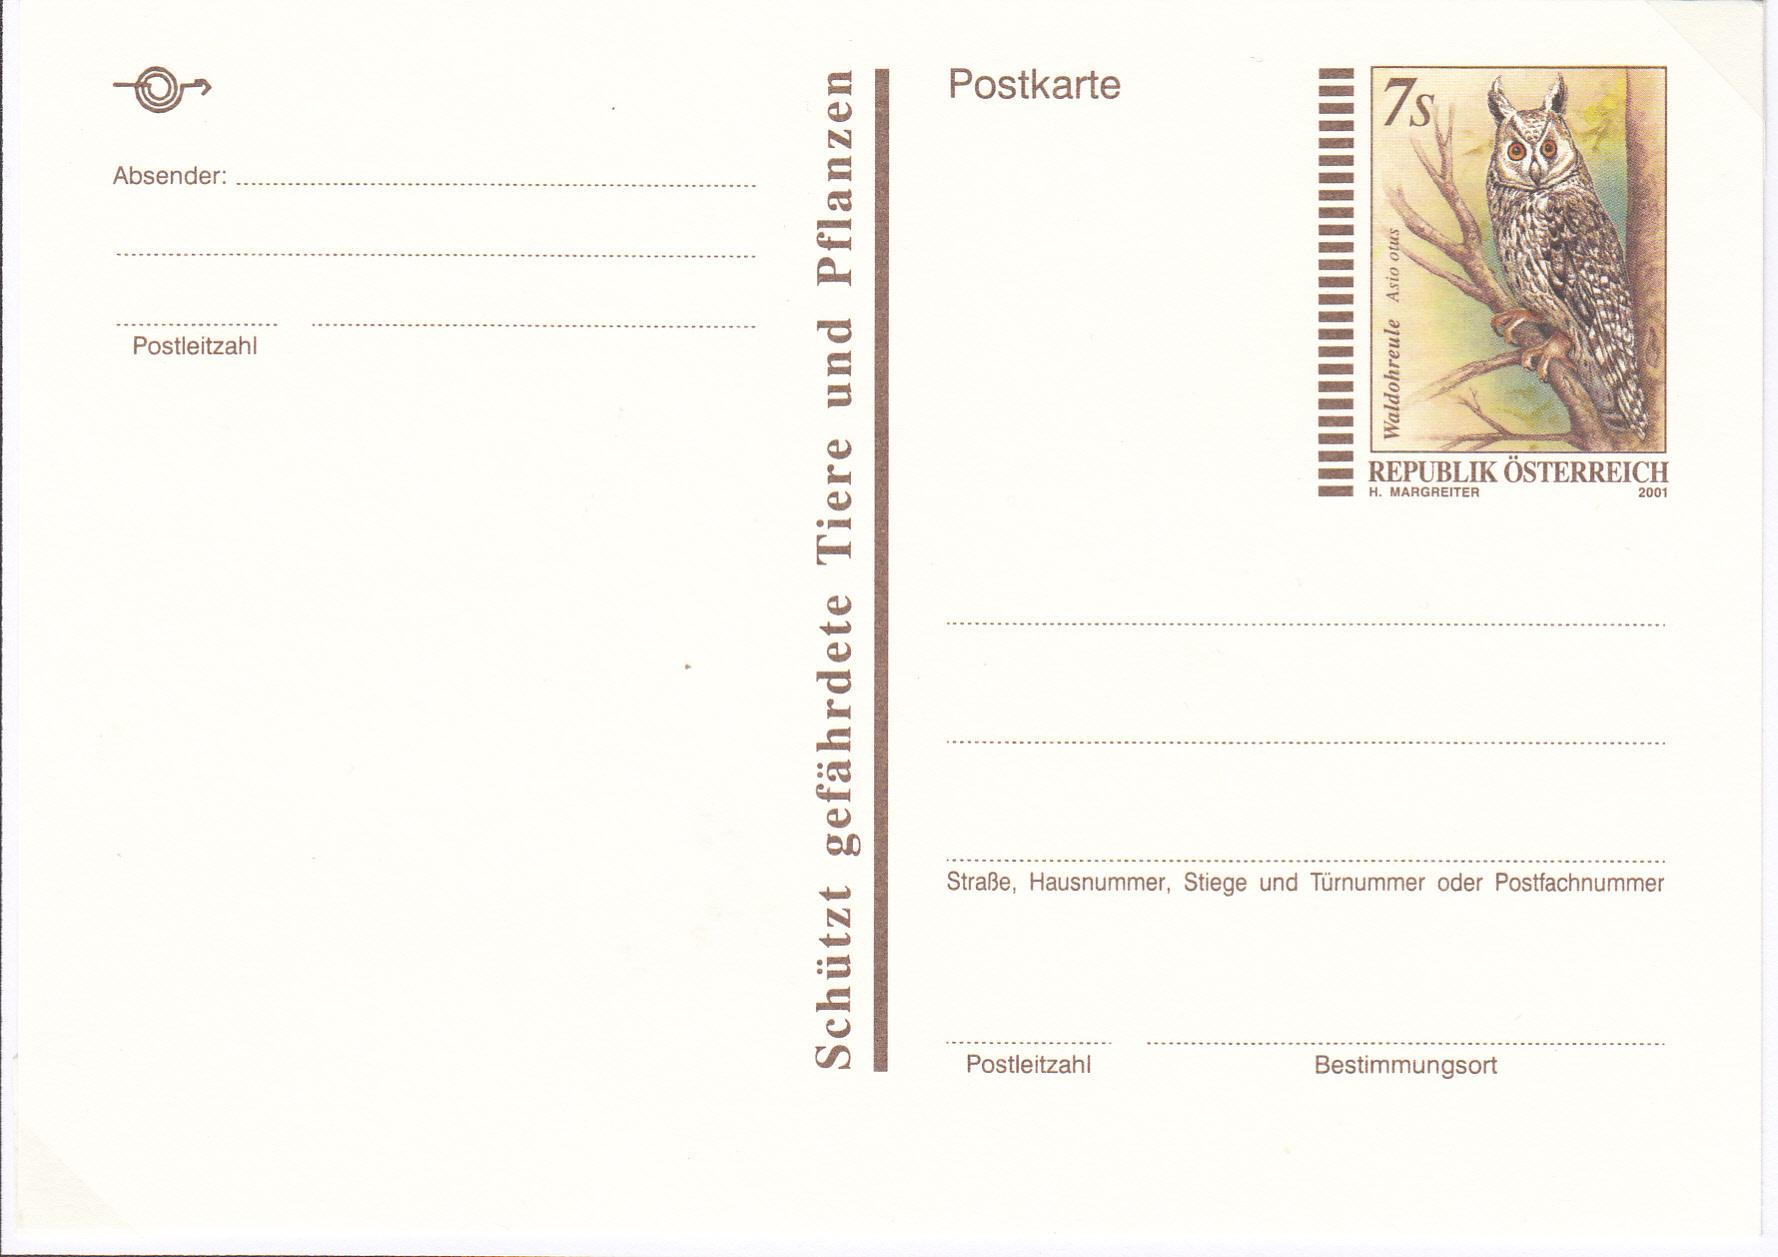 Letzte Postkarte in Schillingwährung Img138